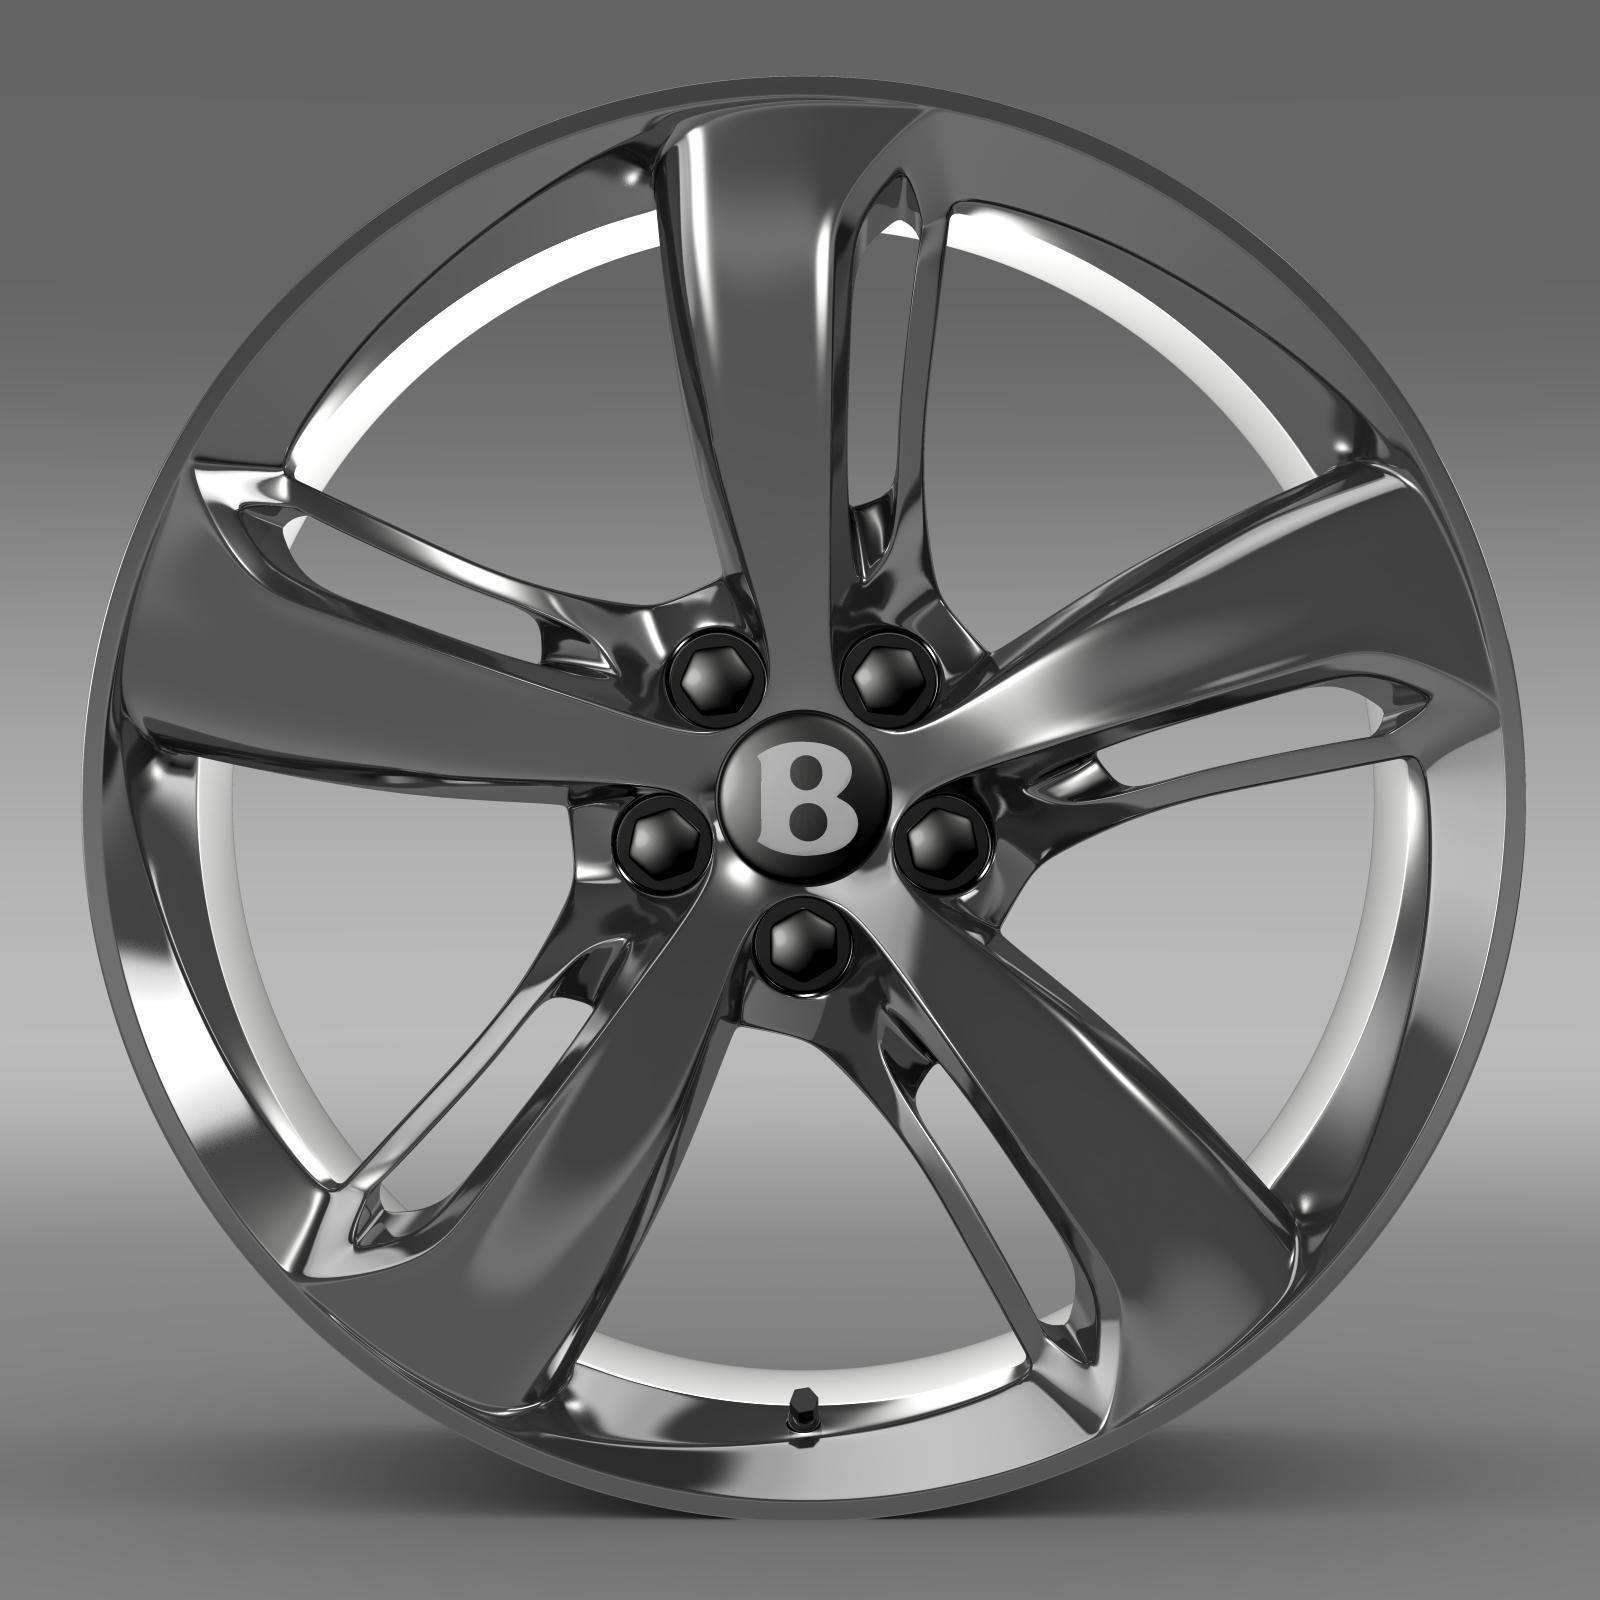 Bentley Continental Gt 2015: Bentley Continental GT Speed 2015 Rim 3D Model MAX OBJ 3DS